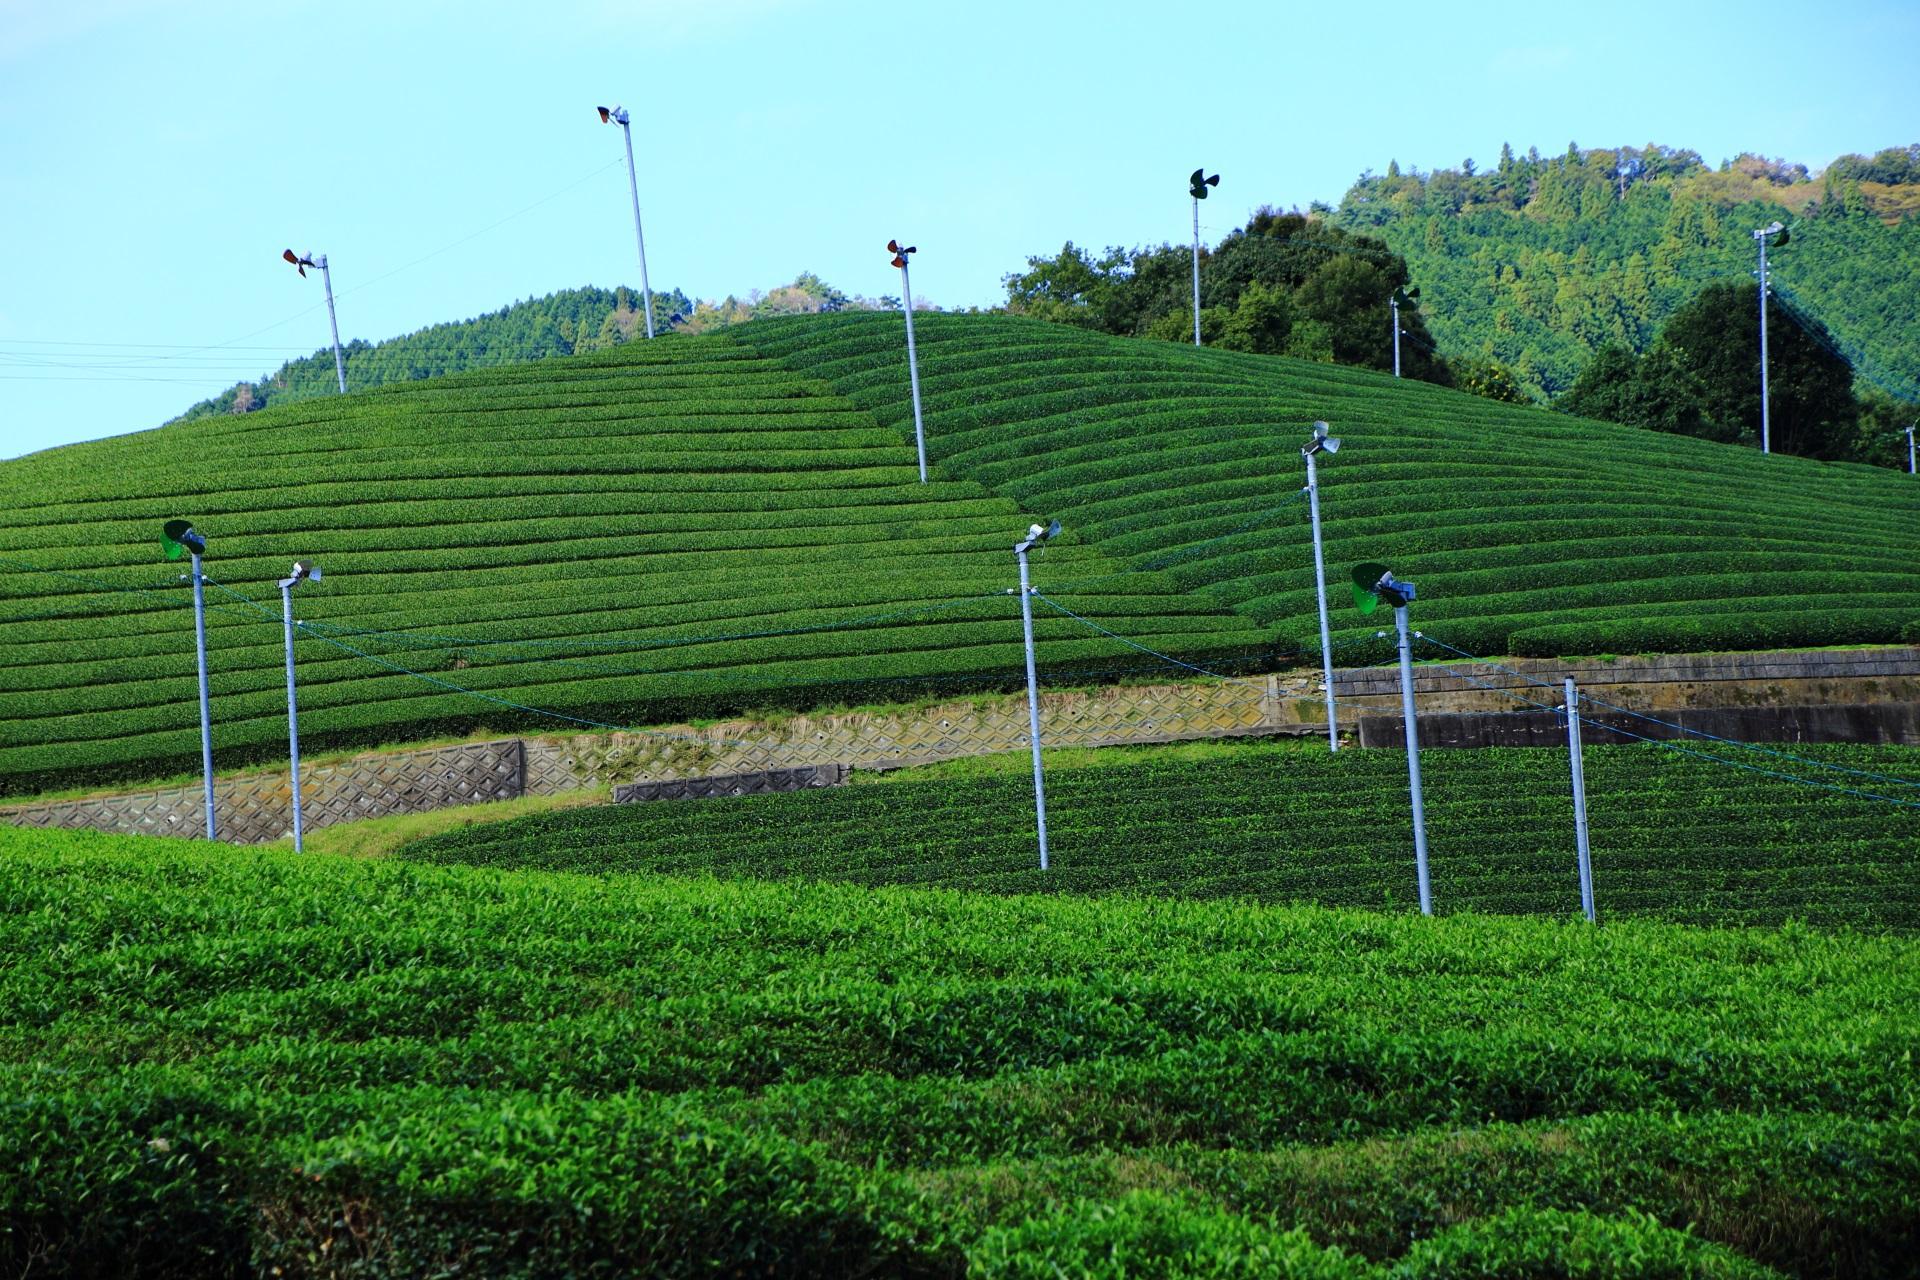 清々しい青空と空気につつまれた一面に広がるお茶畑